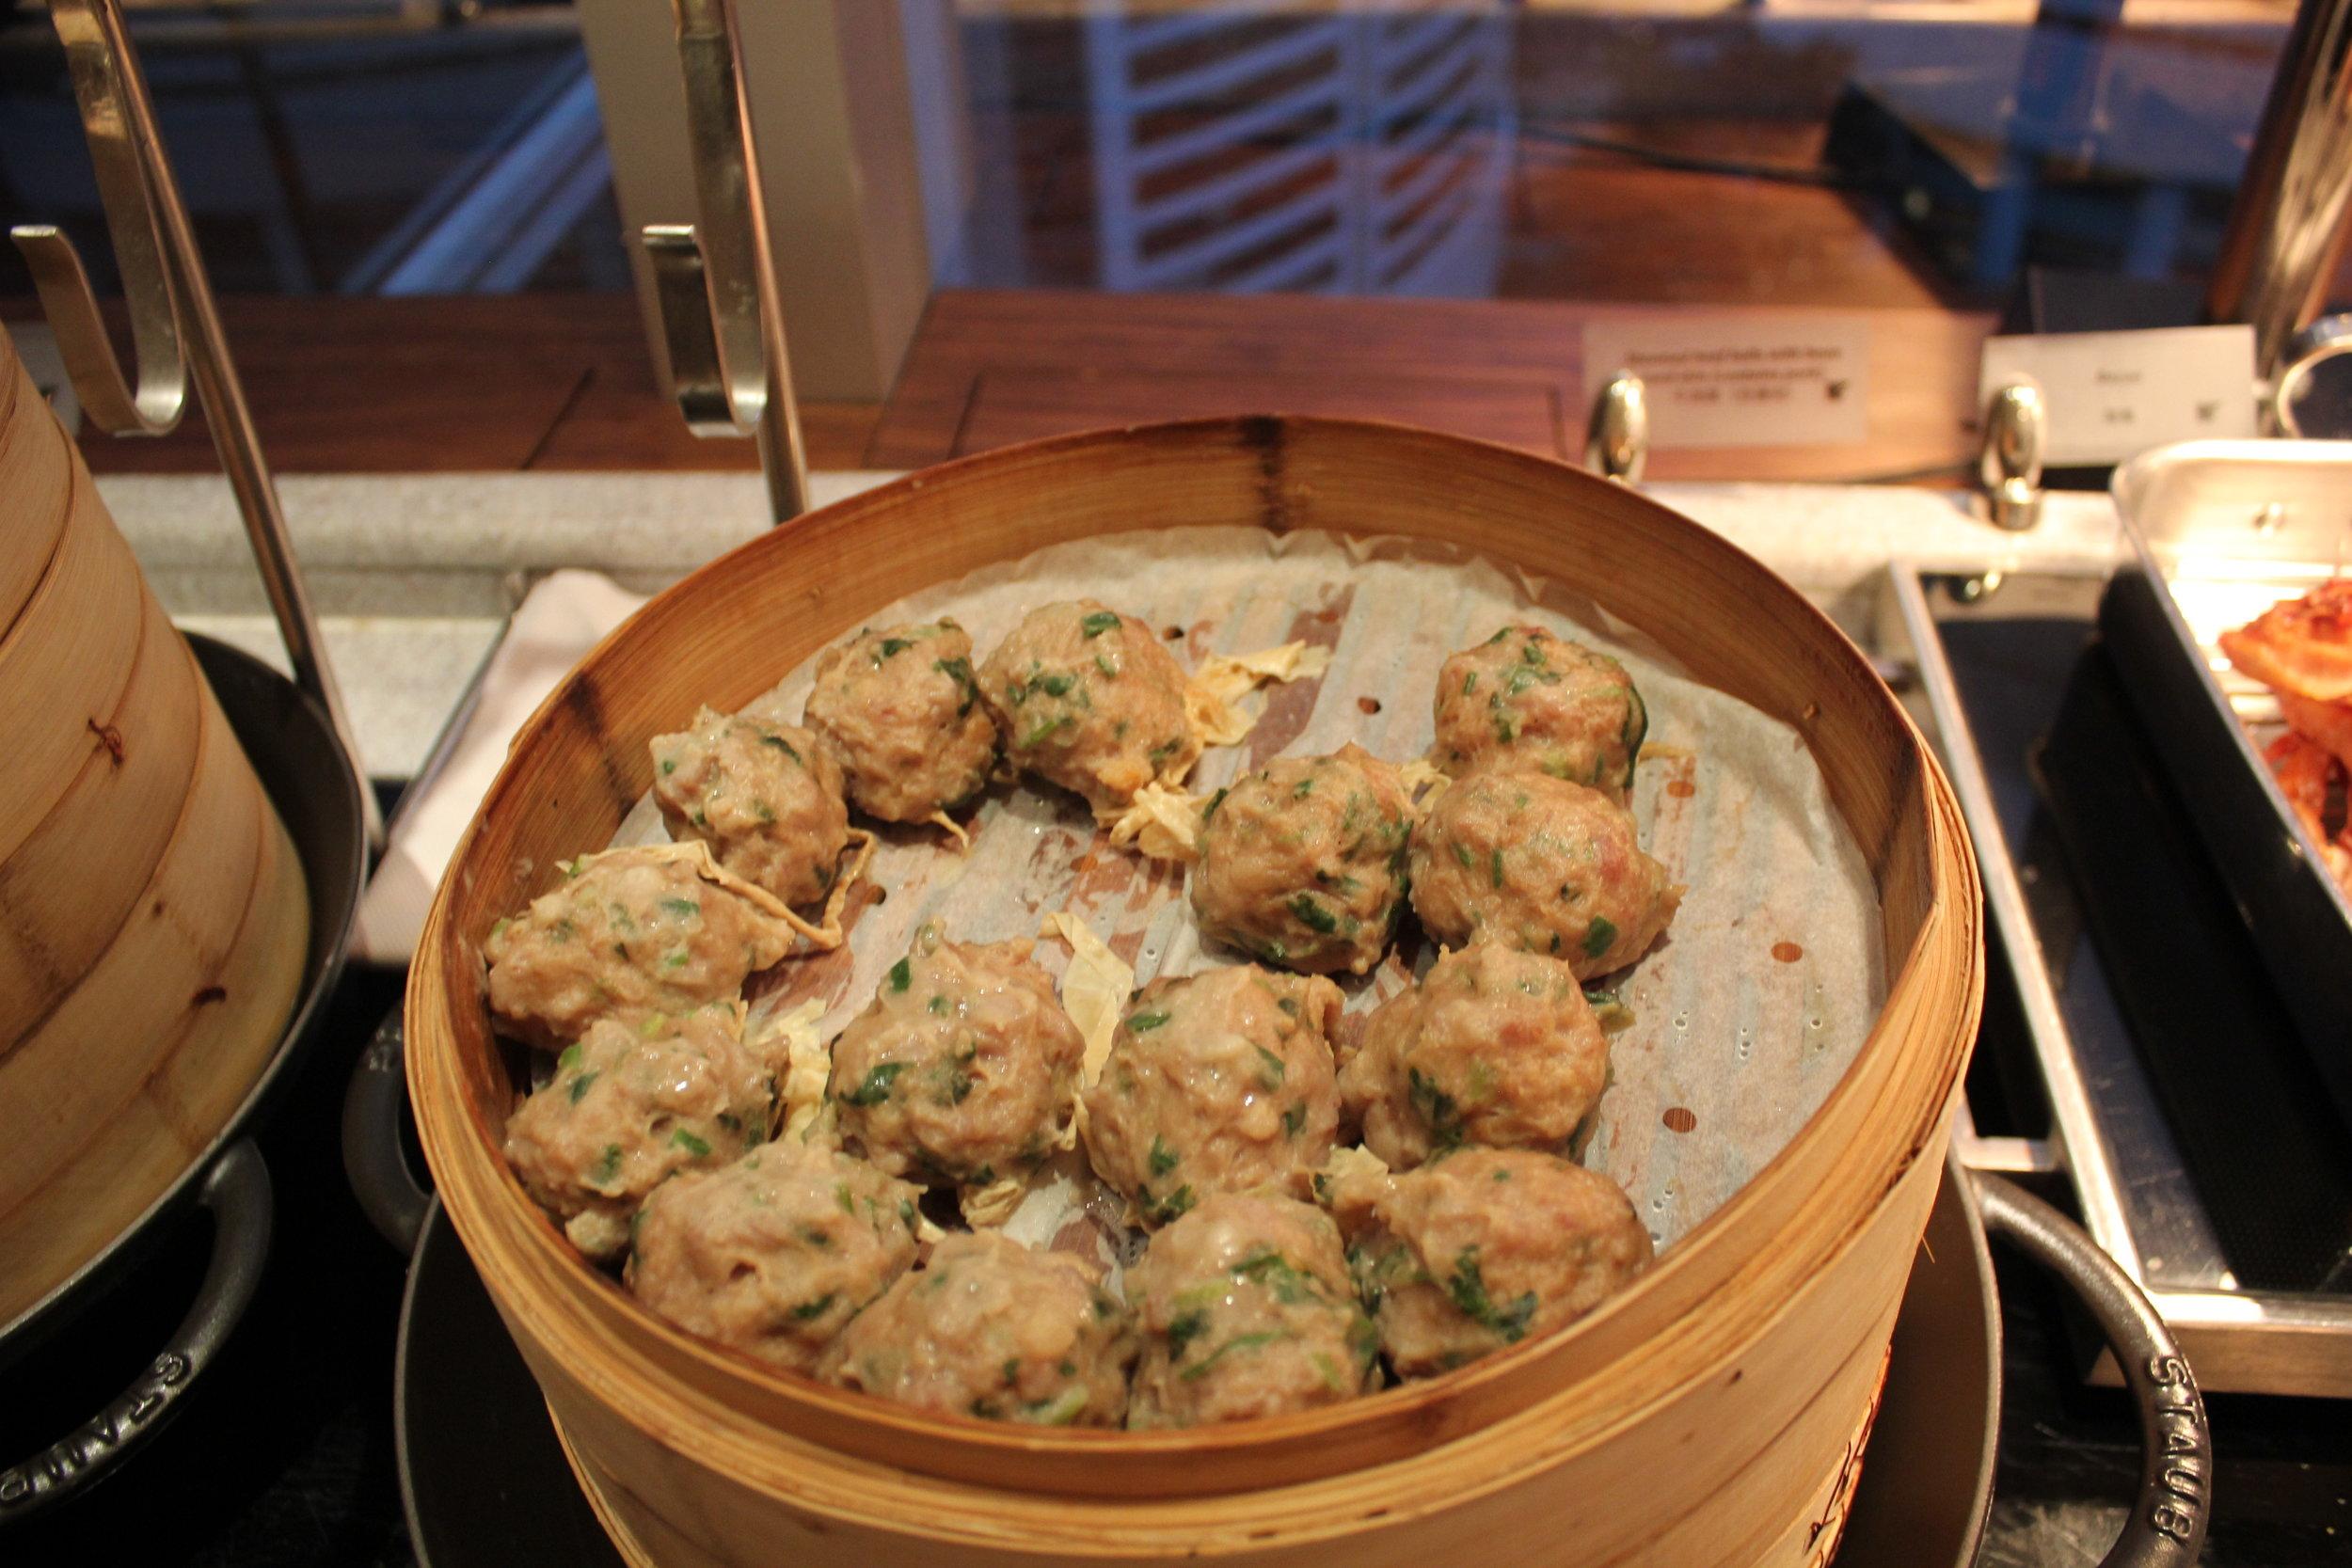 JW Marriott Hong Kong – Breakfast spread